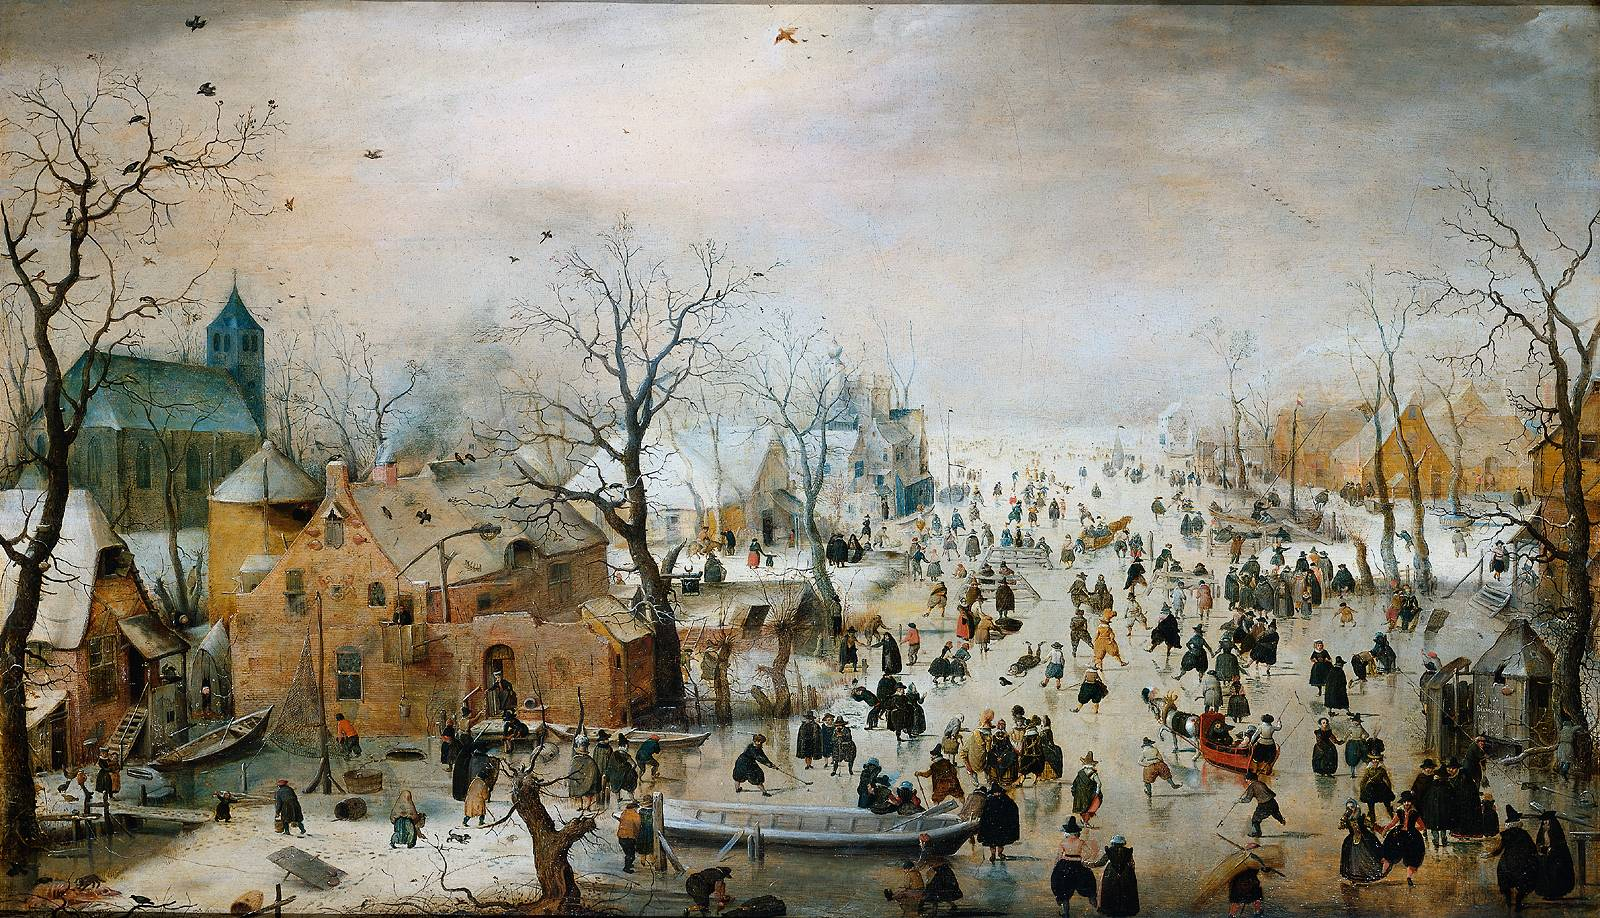 스케이트 타는 사람들이 있는 겨울 풍경